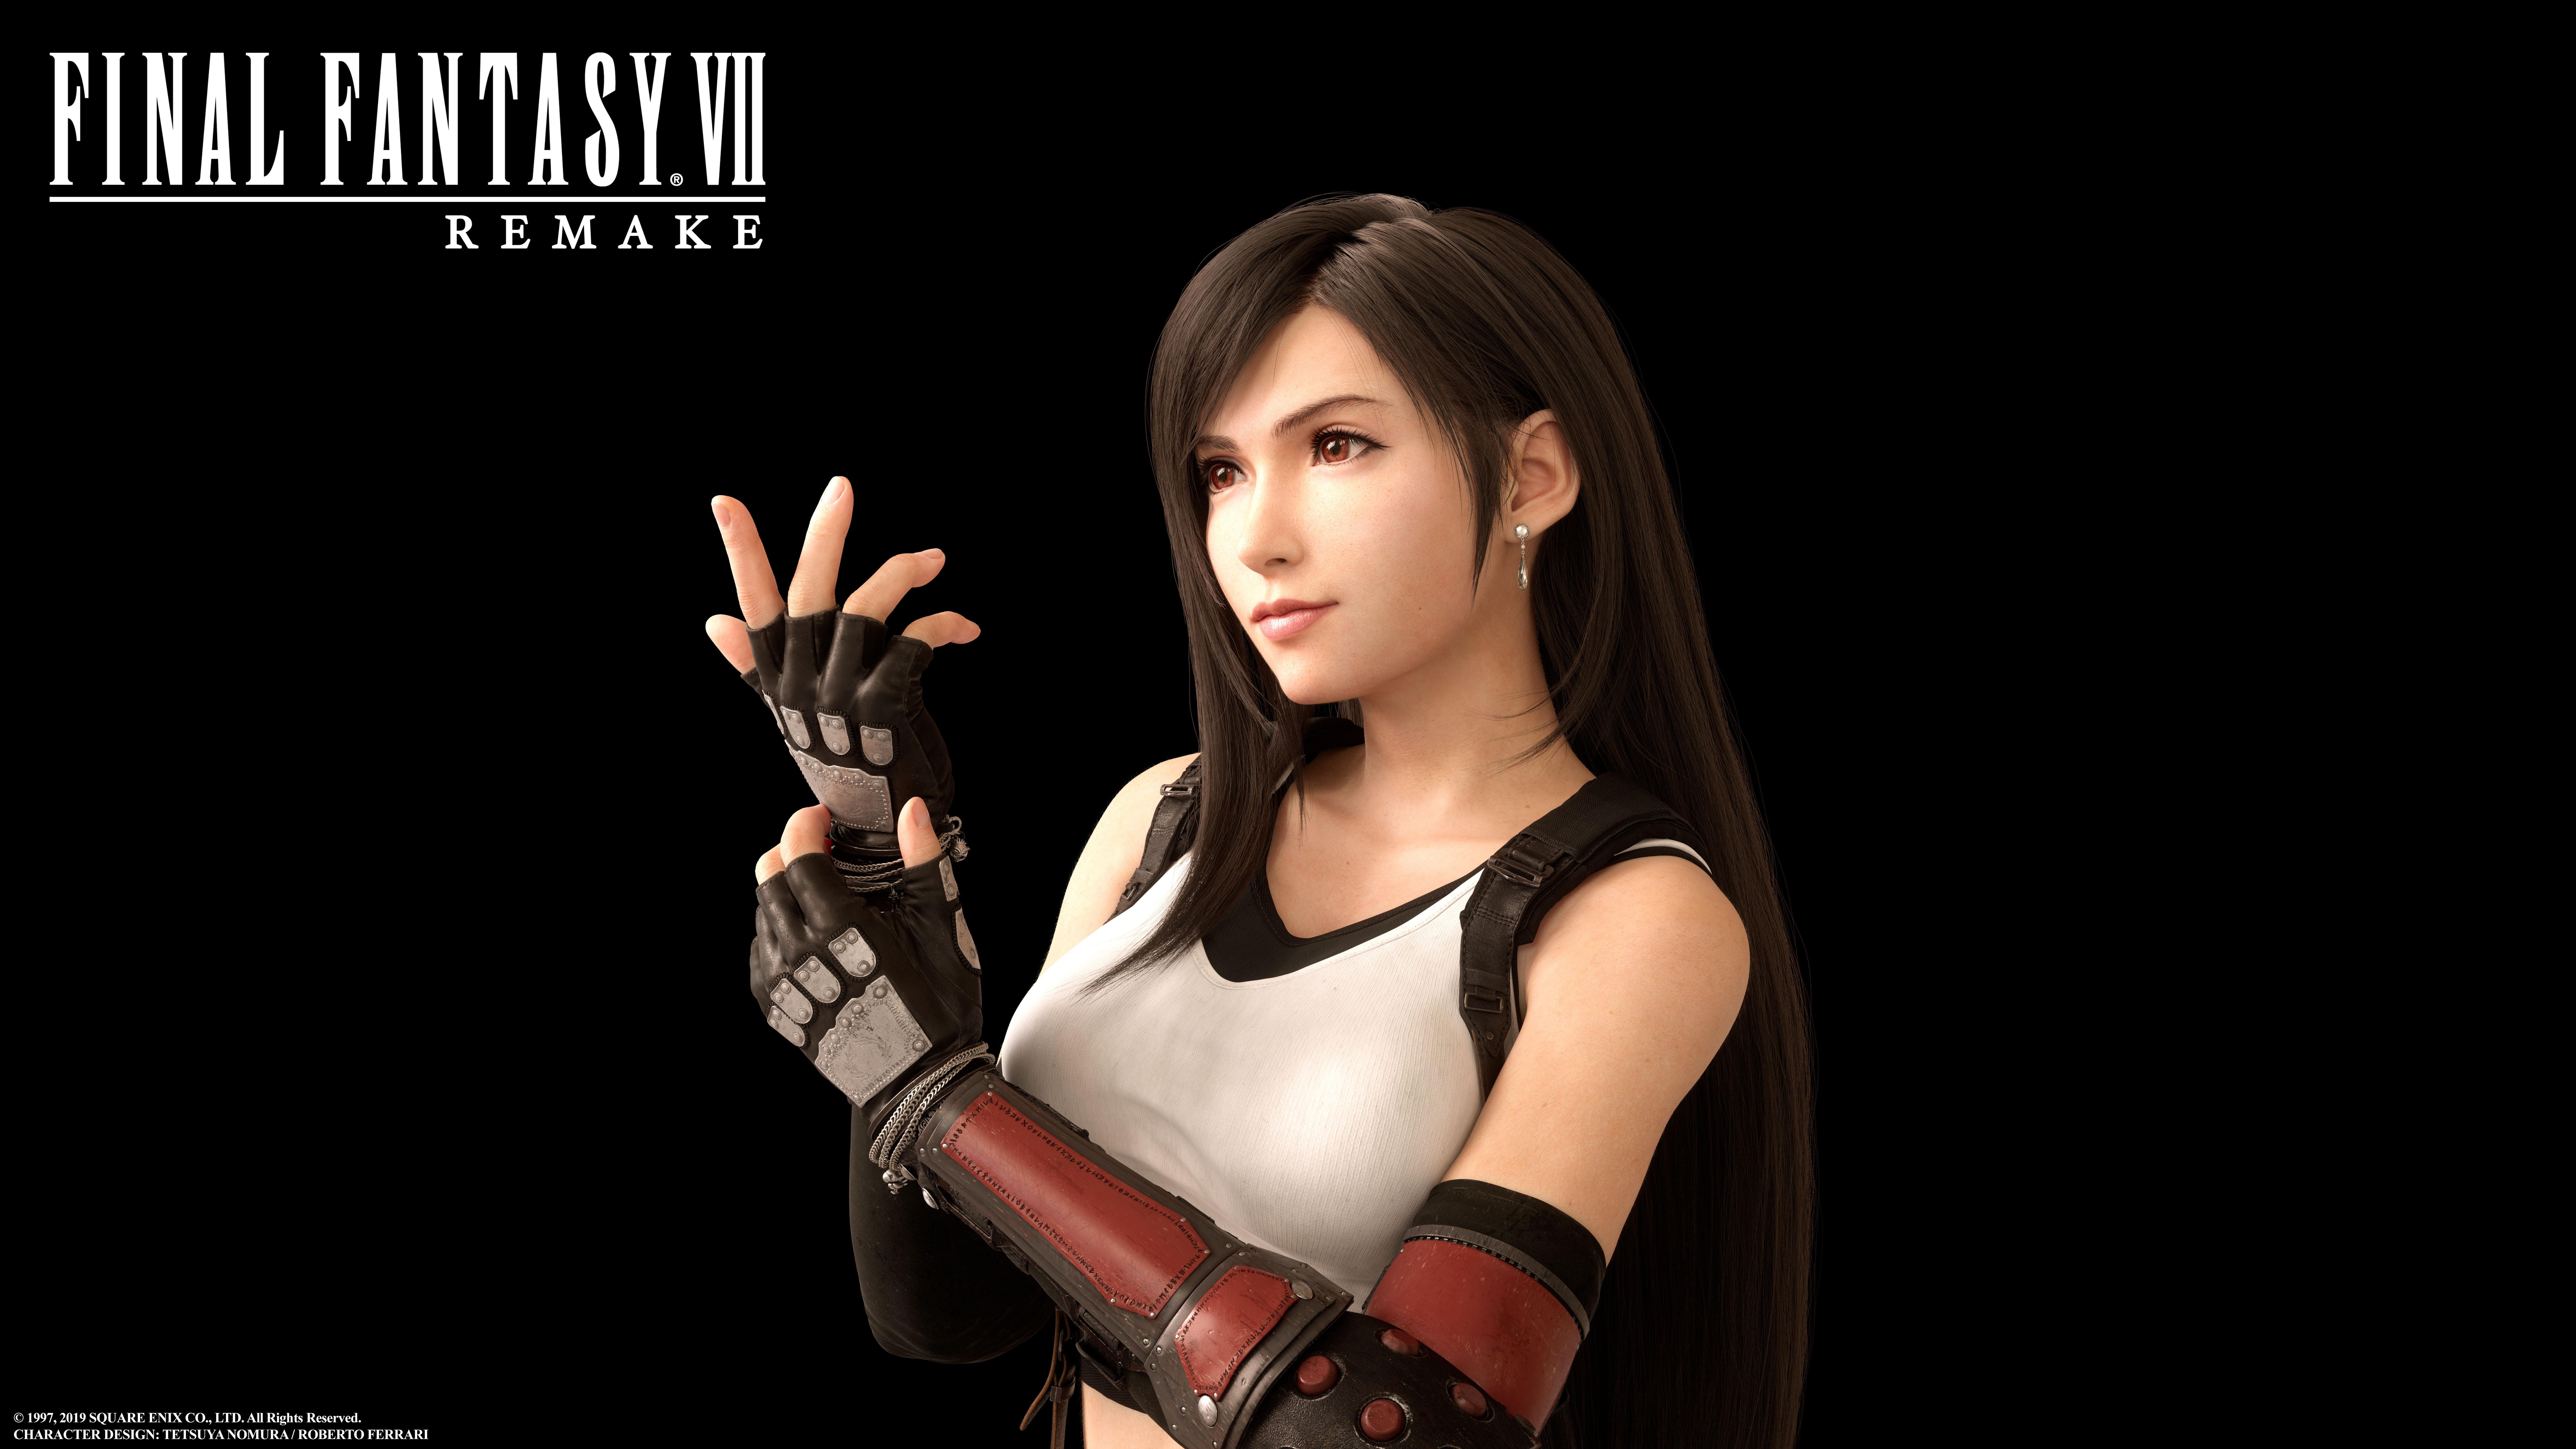 《最终幻想7 重制版》蒂法创作大量发生中,你觉得蒂法的新形象怎么样?